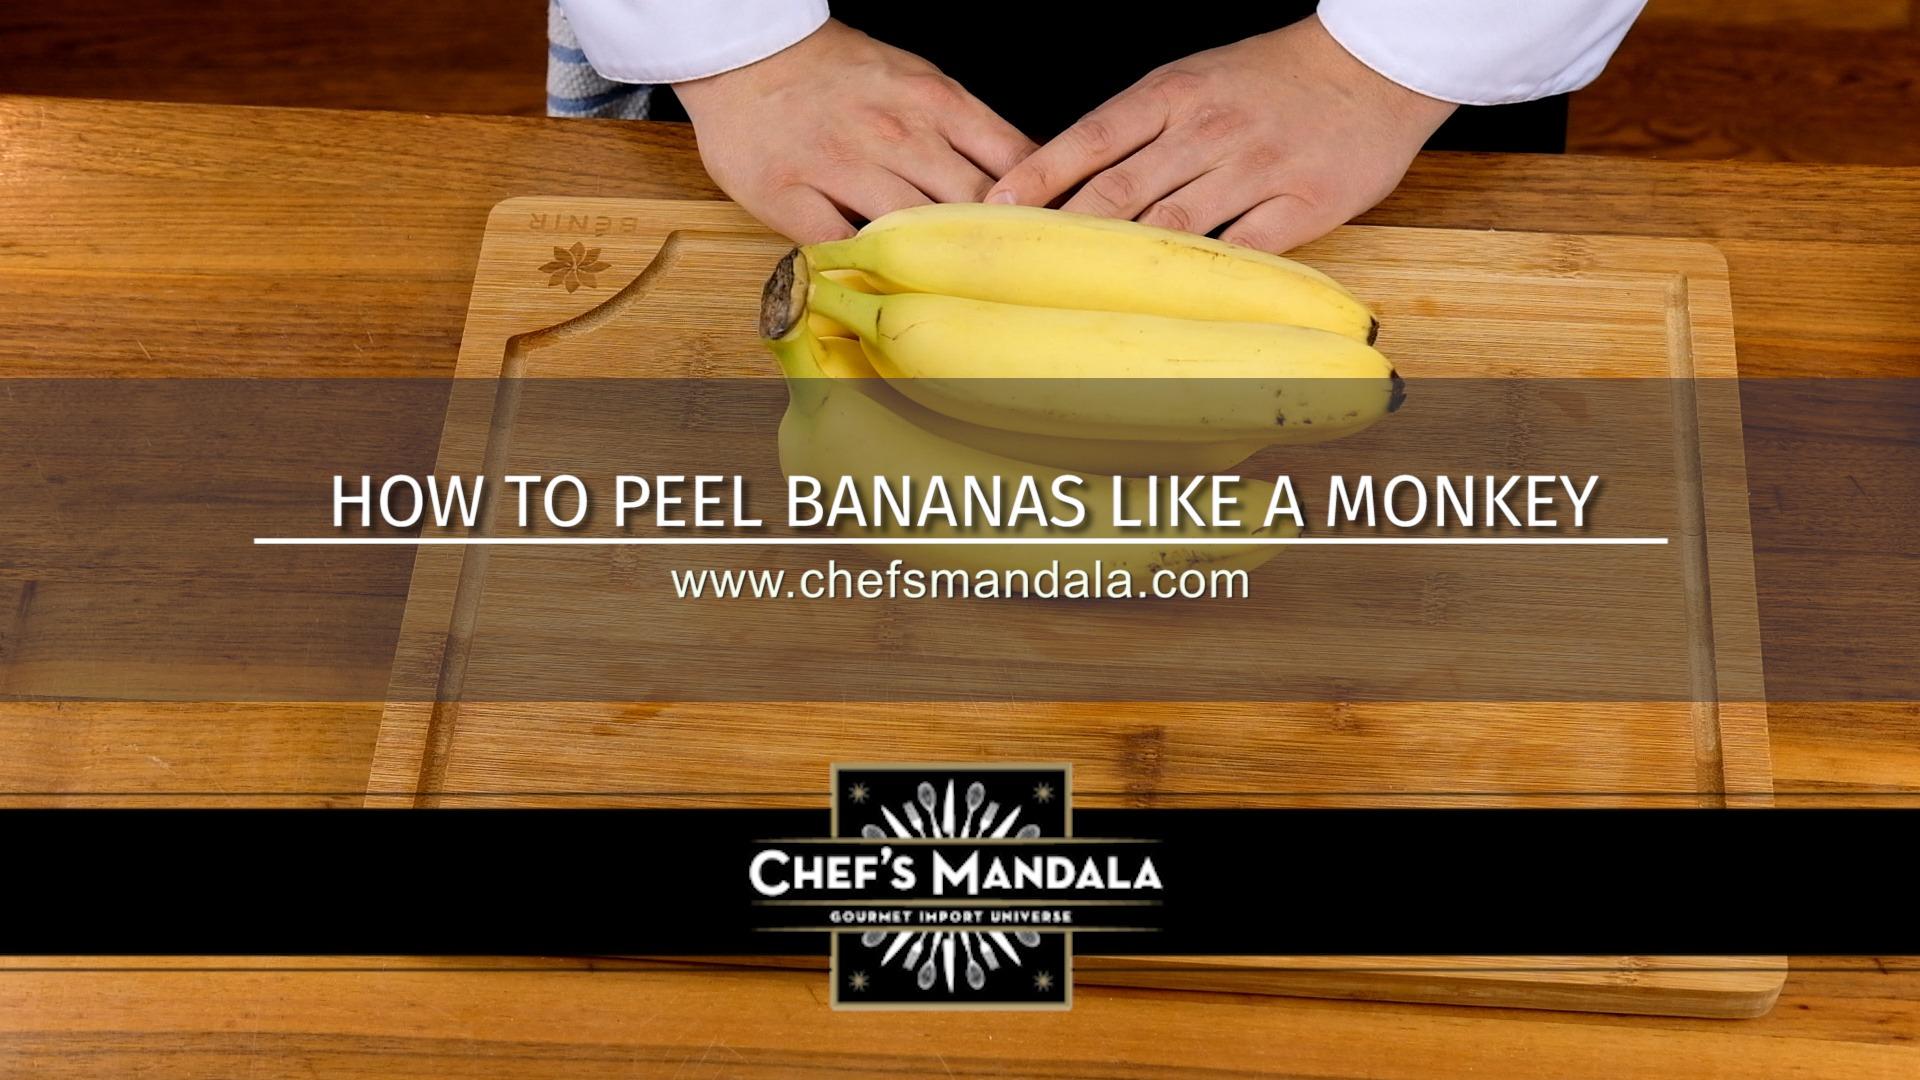 HOW TO PEEL BANANAS LIKE A MONKEY